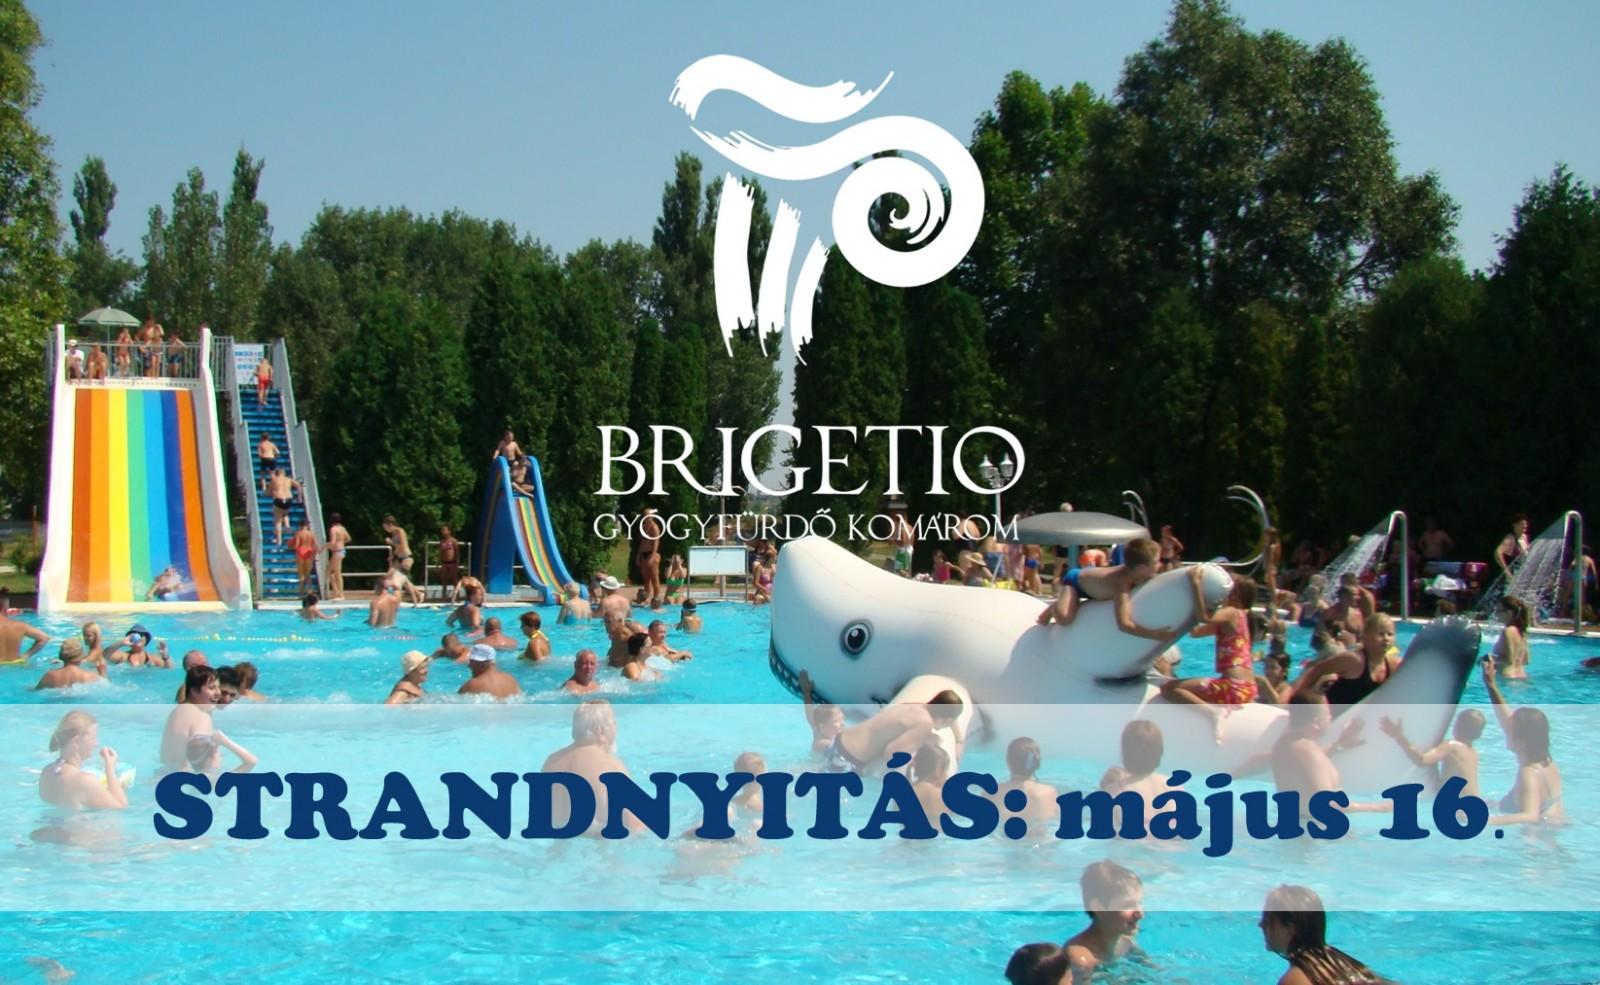 112e501886 Strandnyitás: május 16-tól | Brigetio Gyógyfürdő Komárom